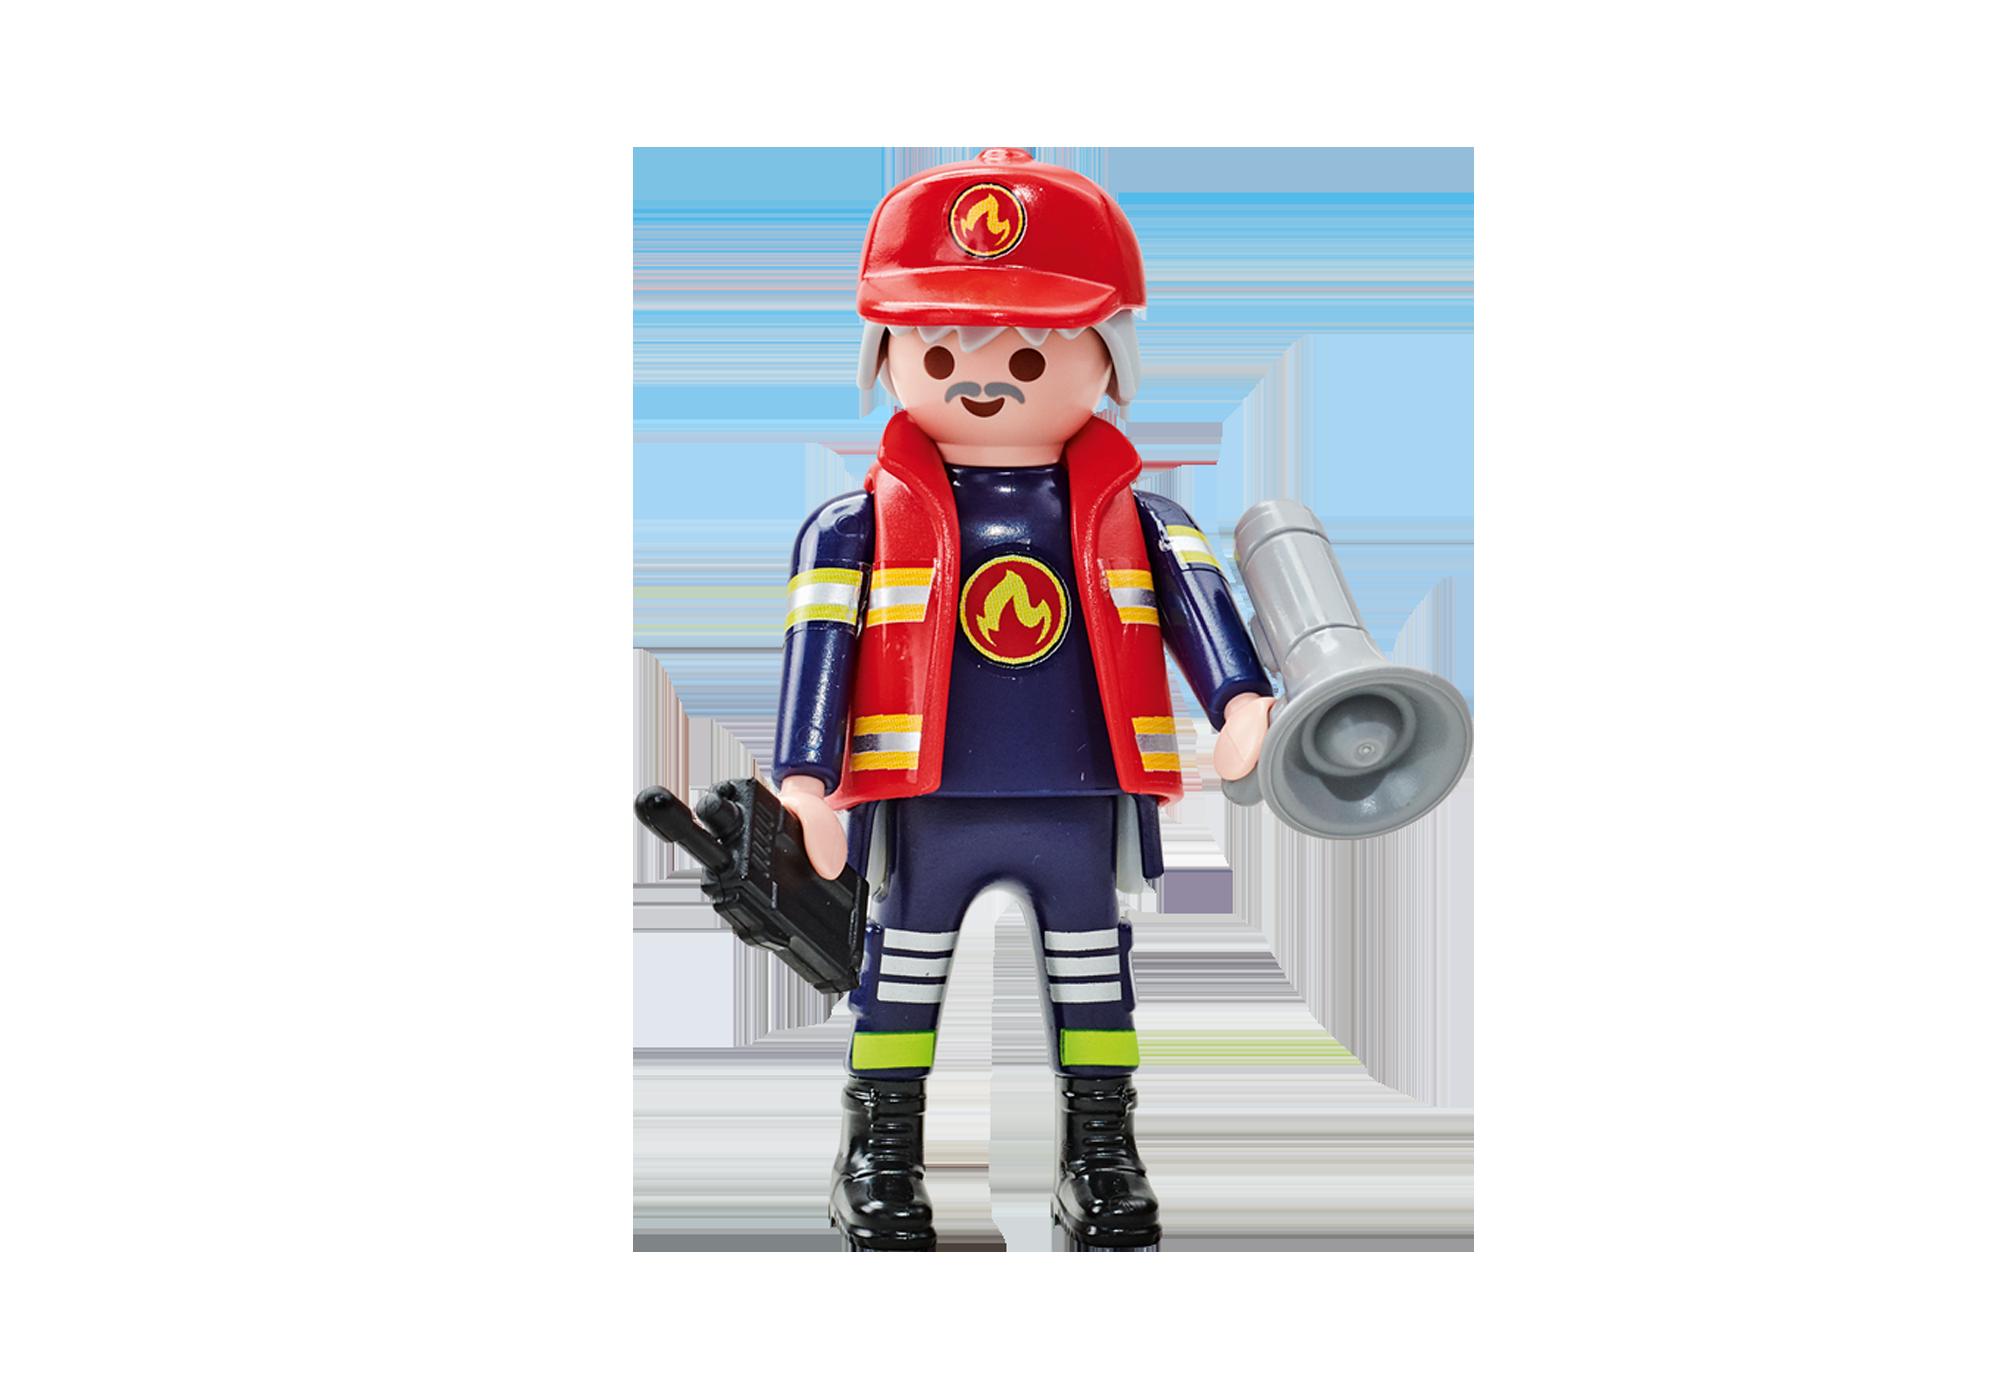 http://media.playmobil.com/i/playmobil/6585_product_detail/Fire Brigade B Captain